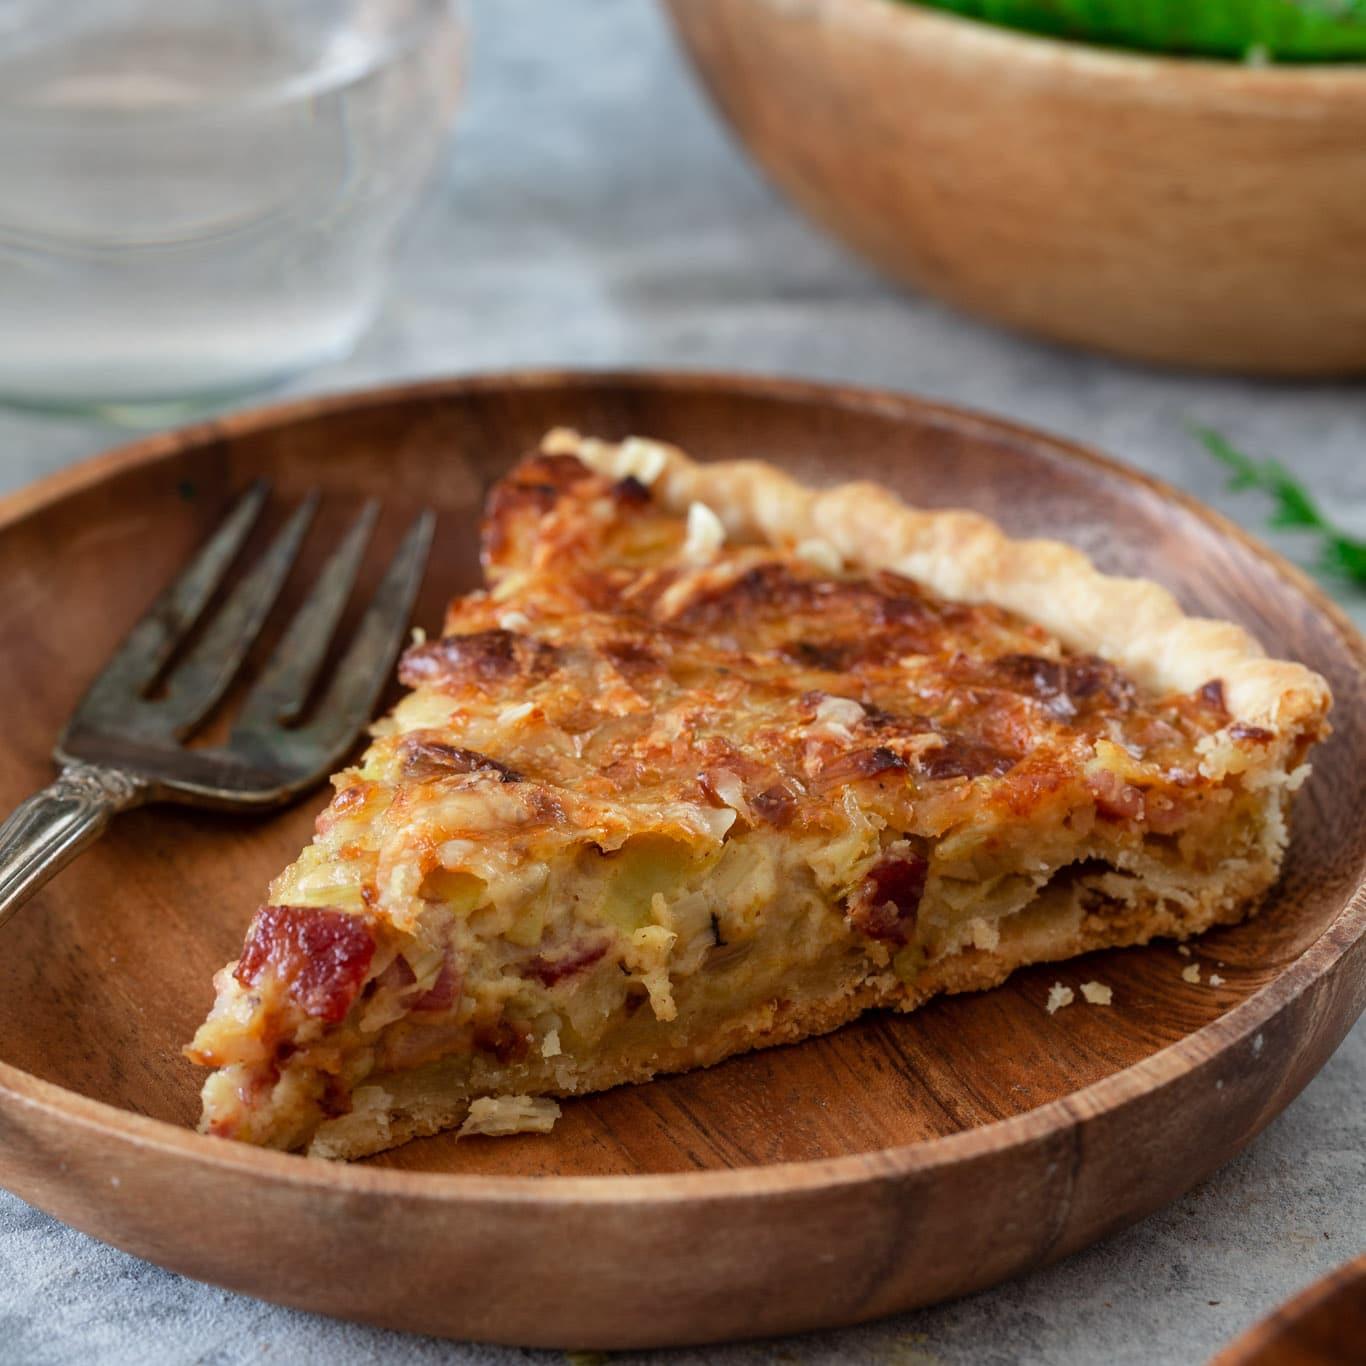 Olivia S Cuisine: Flamiche Aux Poireaux (French Leek Tart)